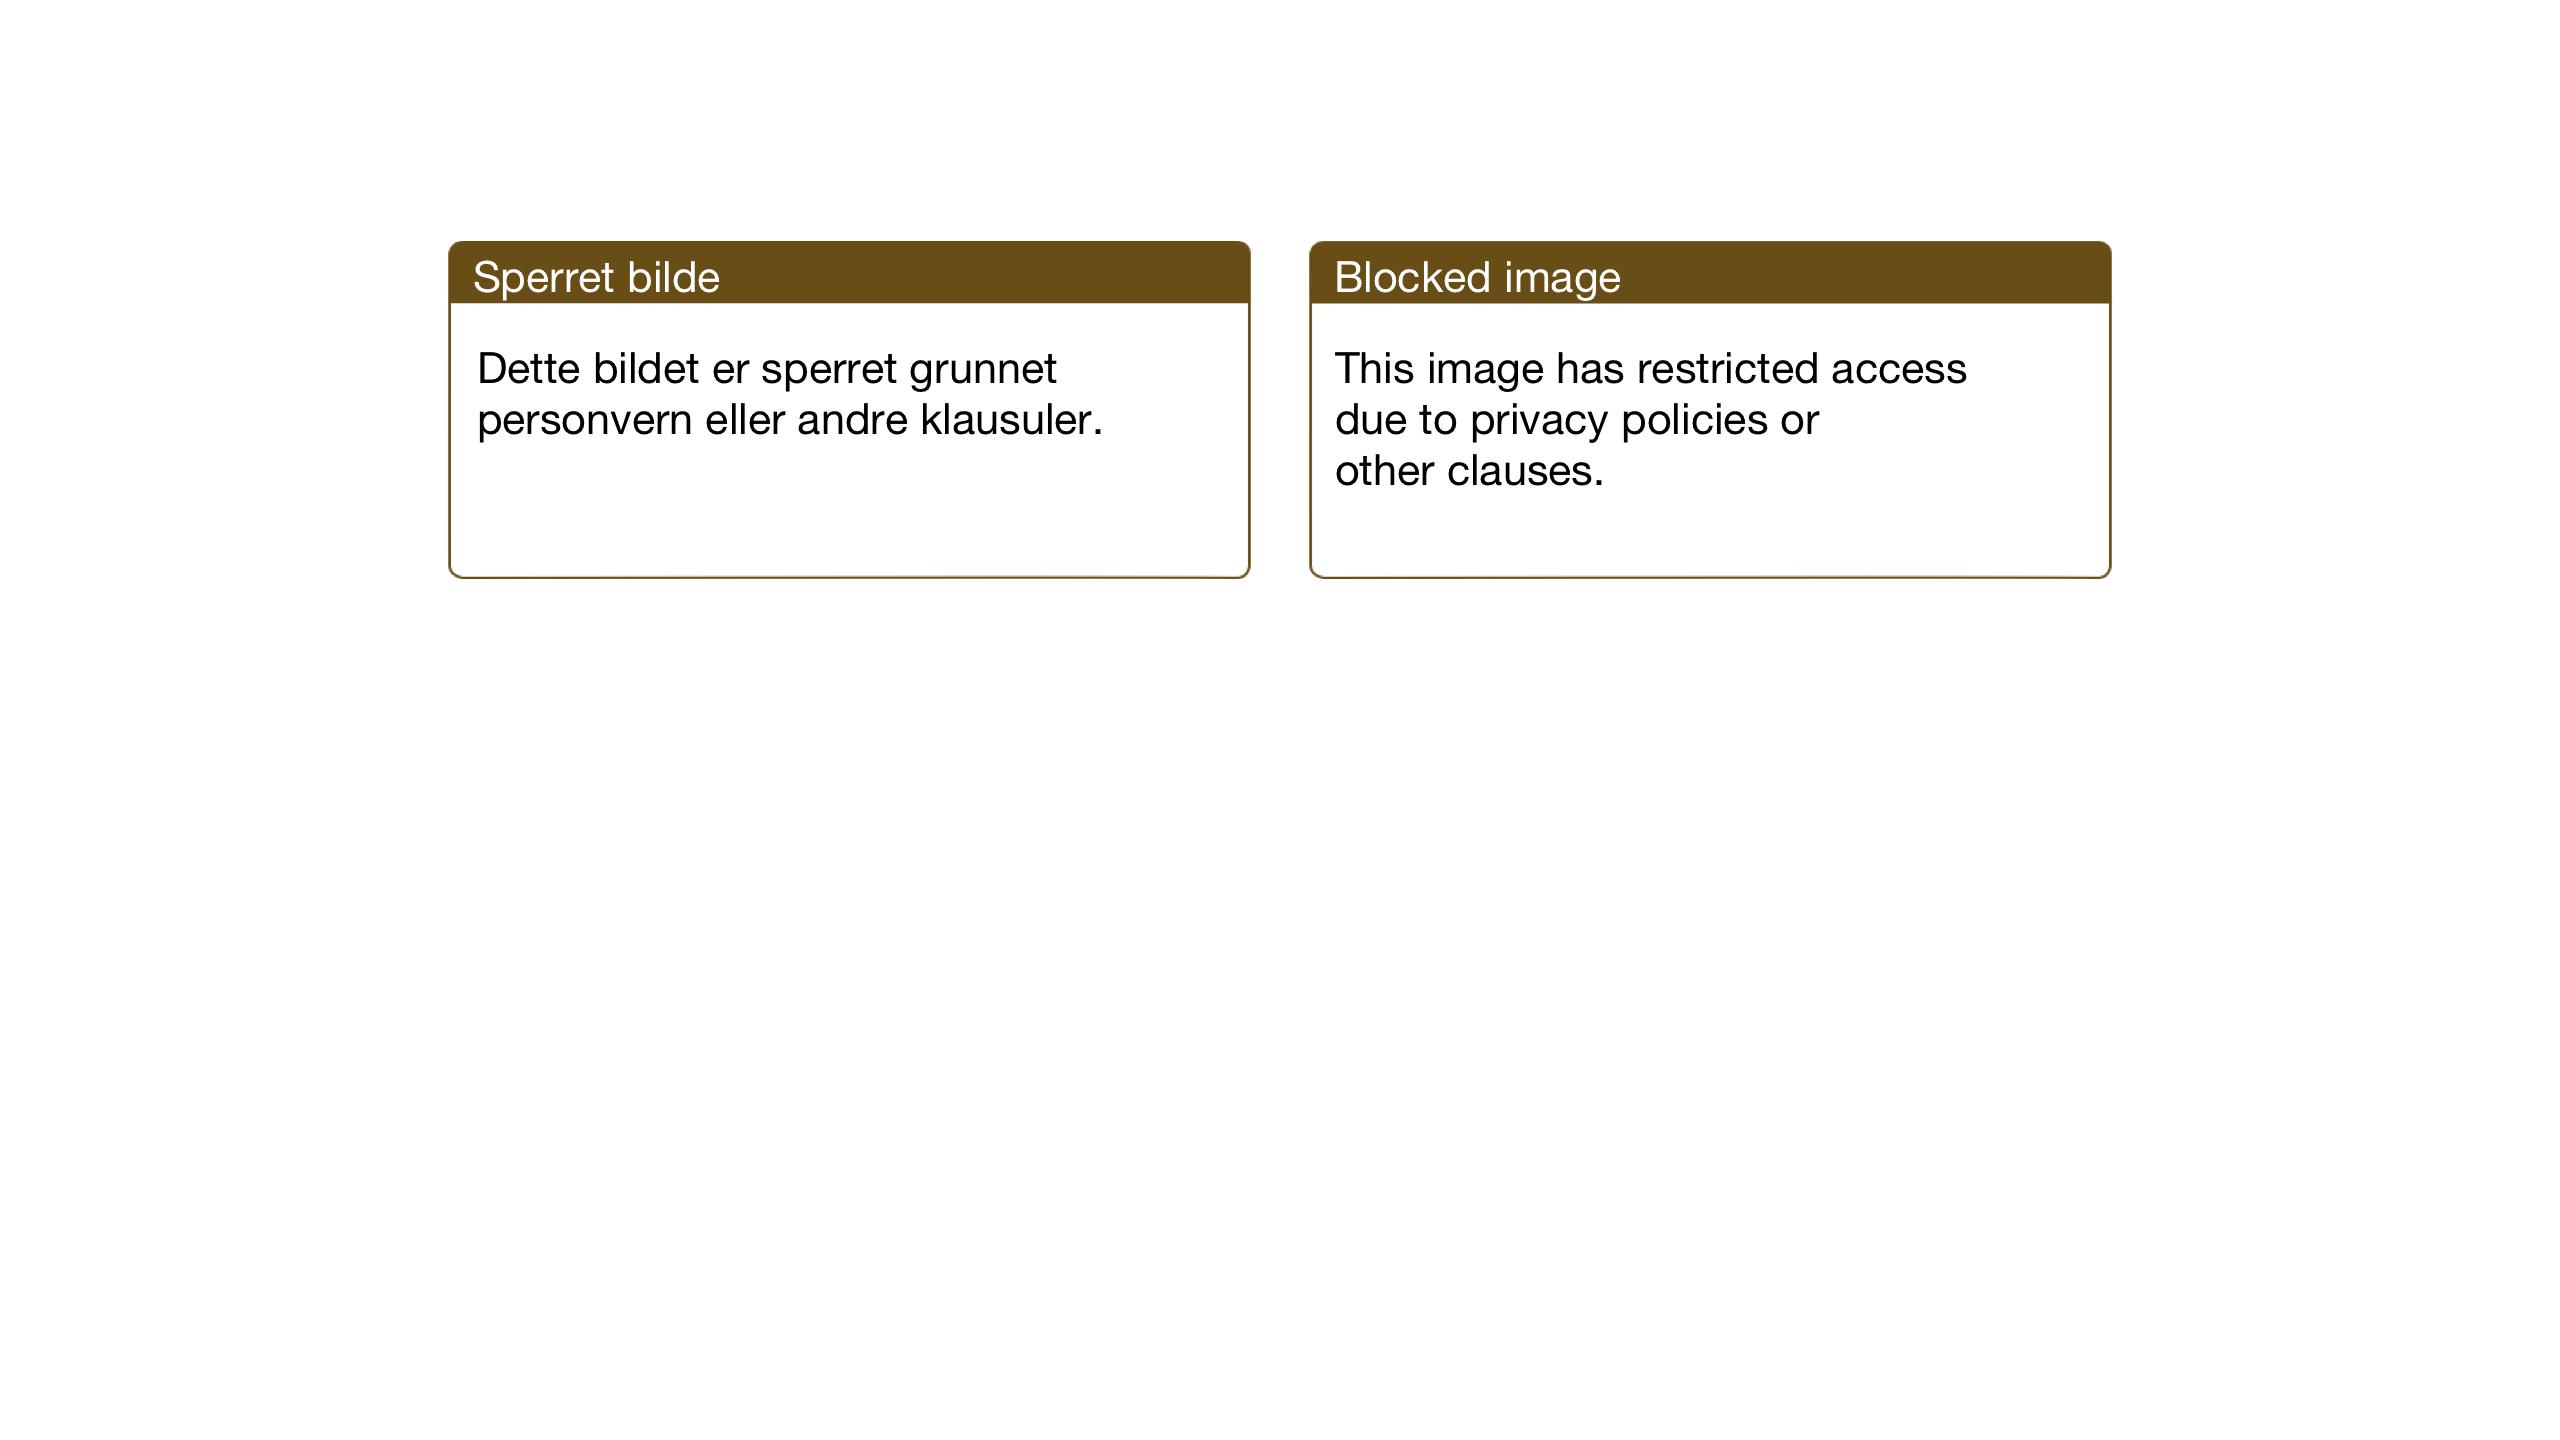 SAT, Ministerialprotokoller, klokkerbøker og fødselsregistre - Sør-Trøndelag, 630/L0508: Klokkerbok nr. 630C06, 1933-1950, s. 11